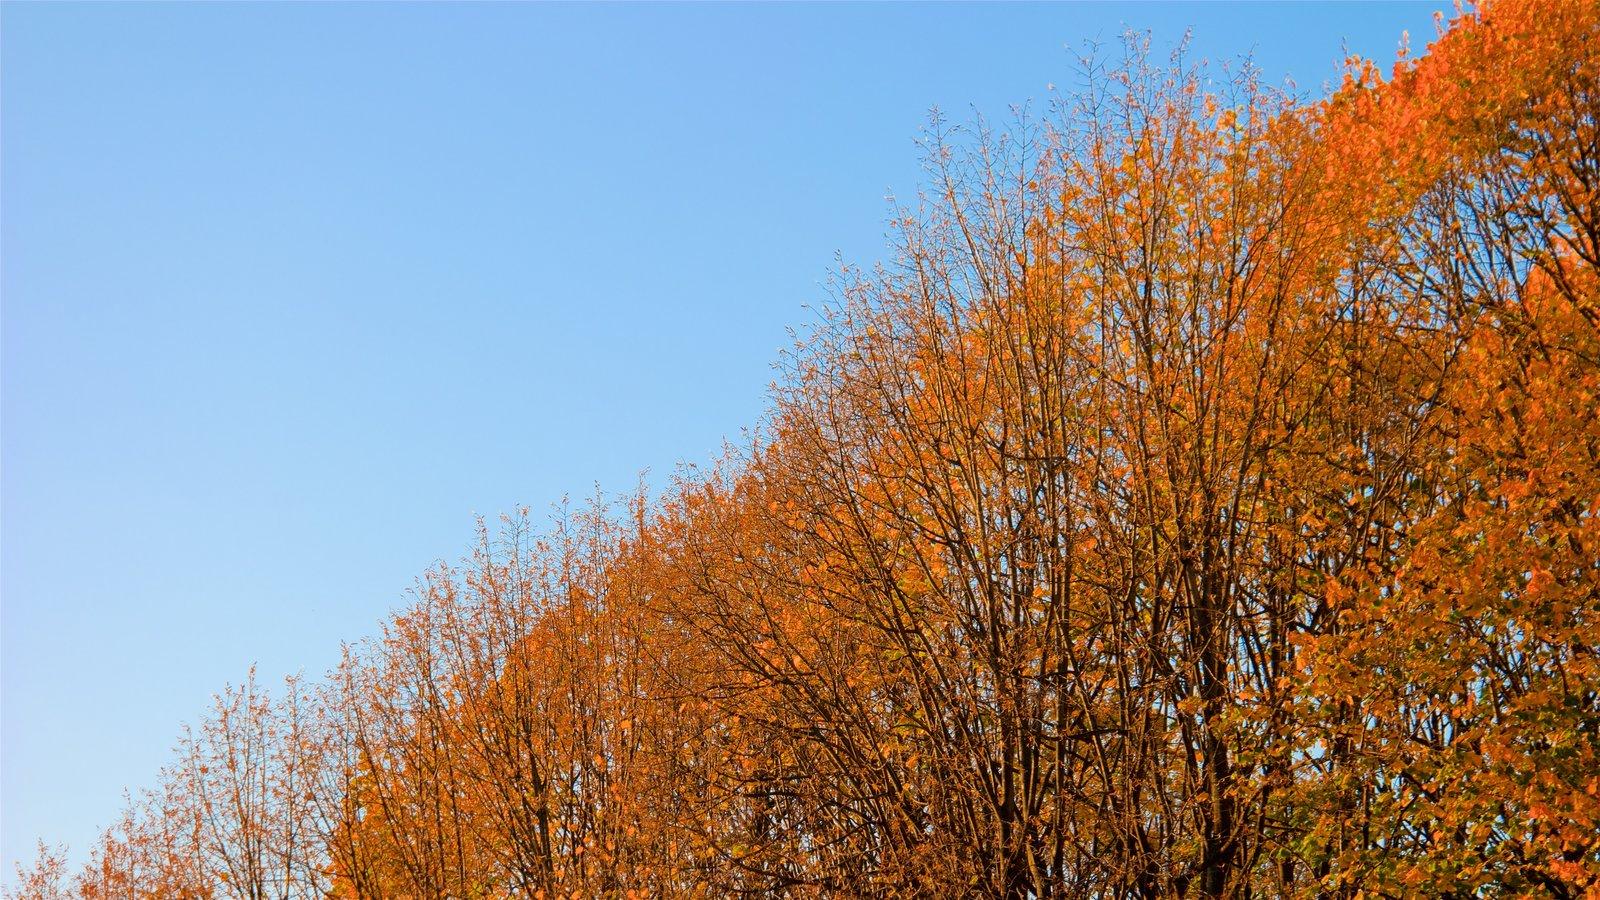 7º Arrondissement caracterizando um jardim e folhas de outono